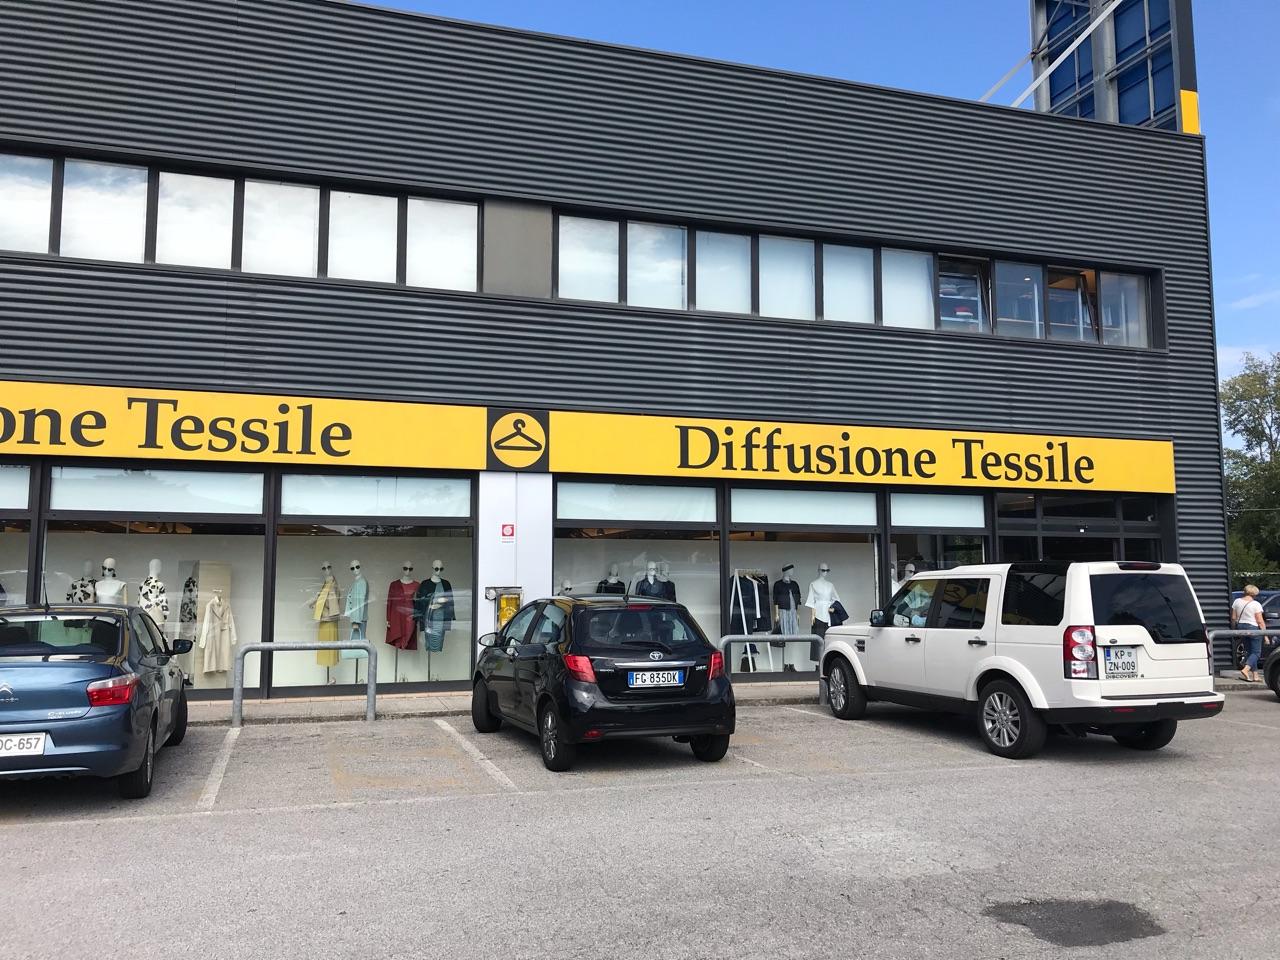 Как купить в аутлете DIFFUSIONE TESSILE (intrend) с доставкой в Россию